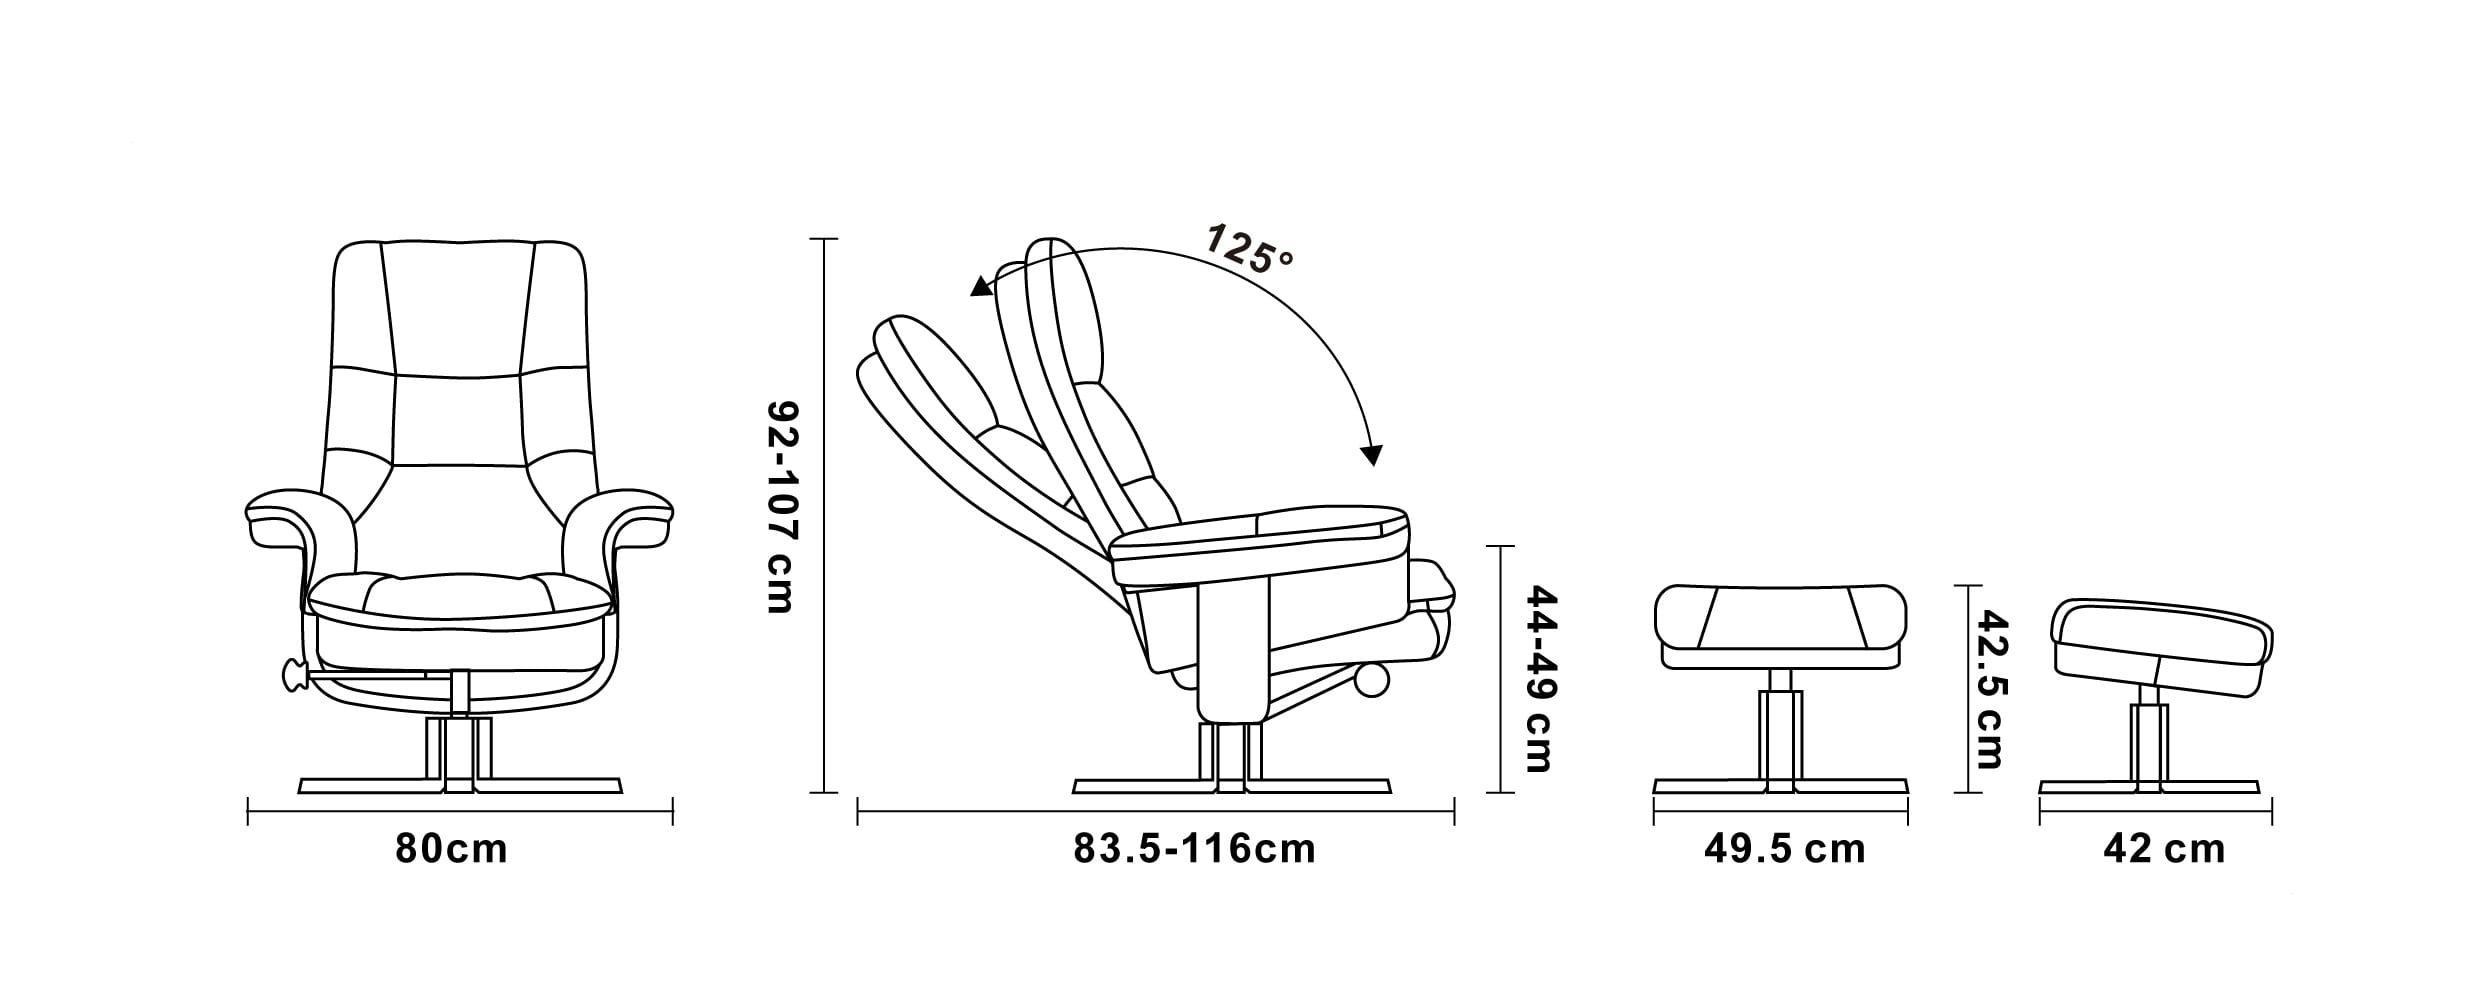 Sillón de relajación manual de piel y microfibra - HIPPEUS